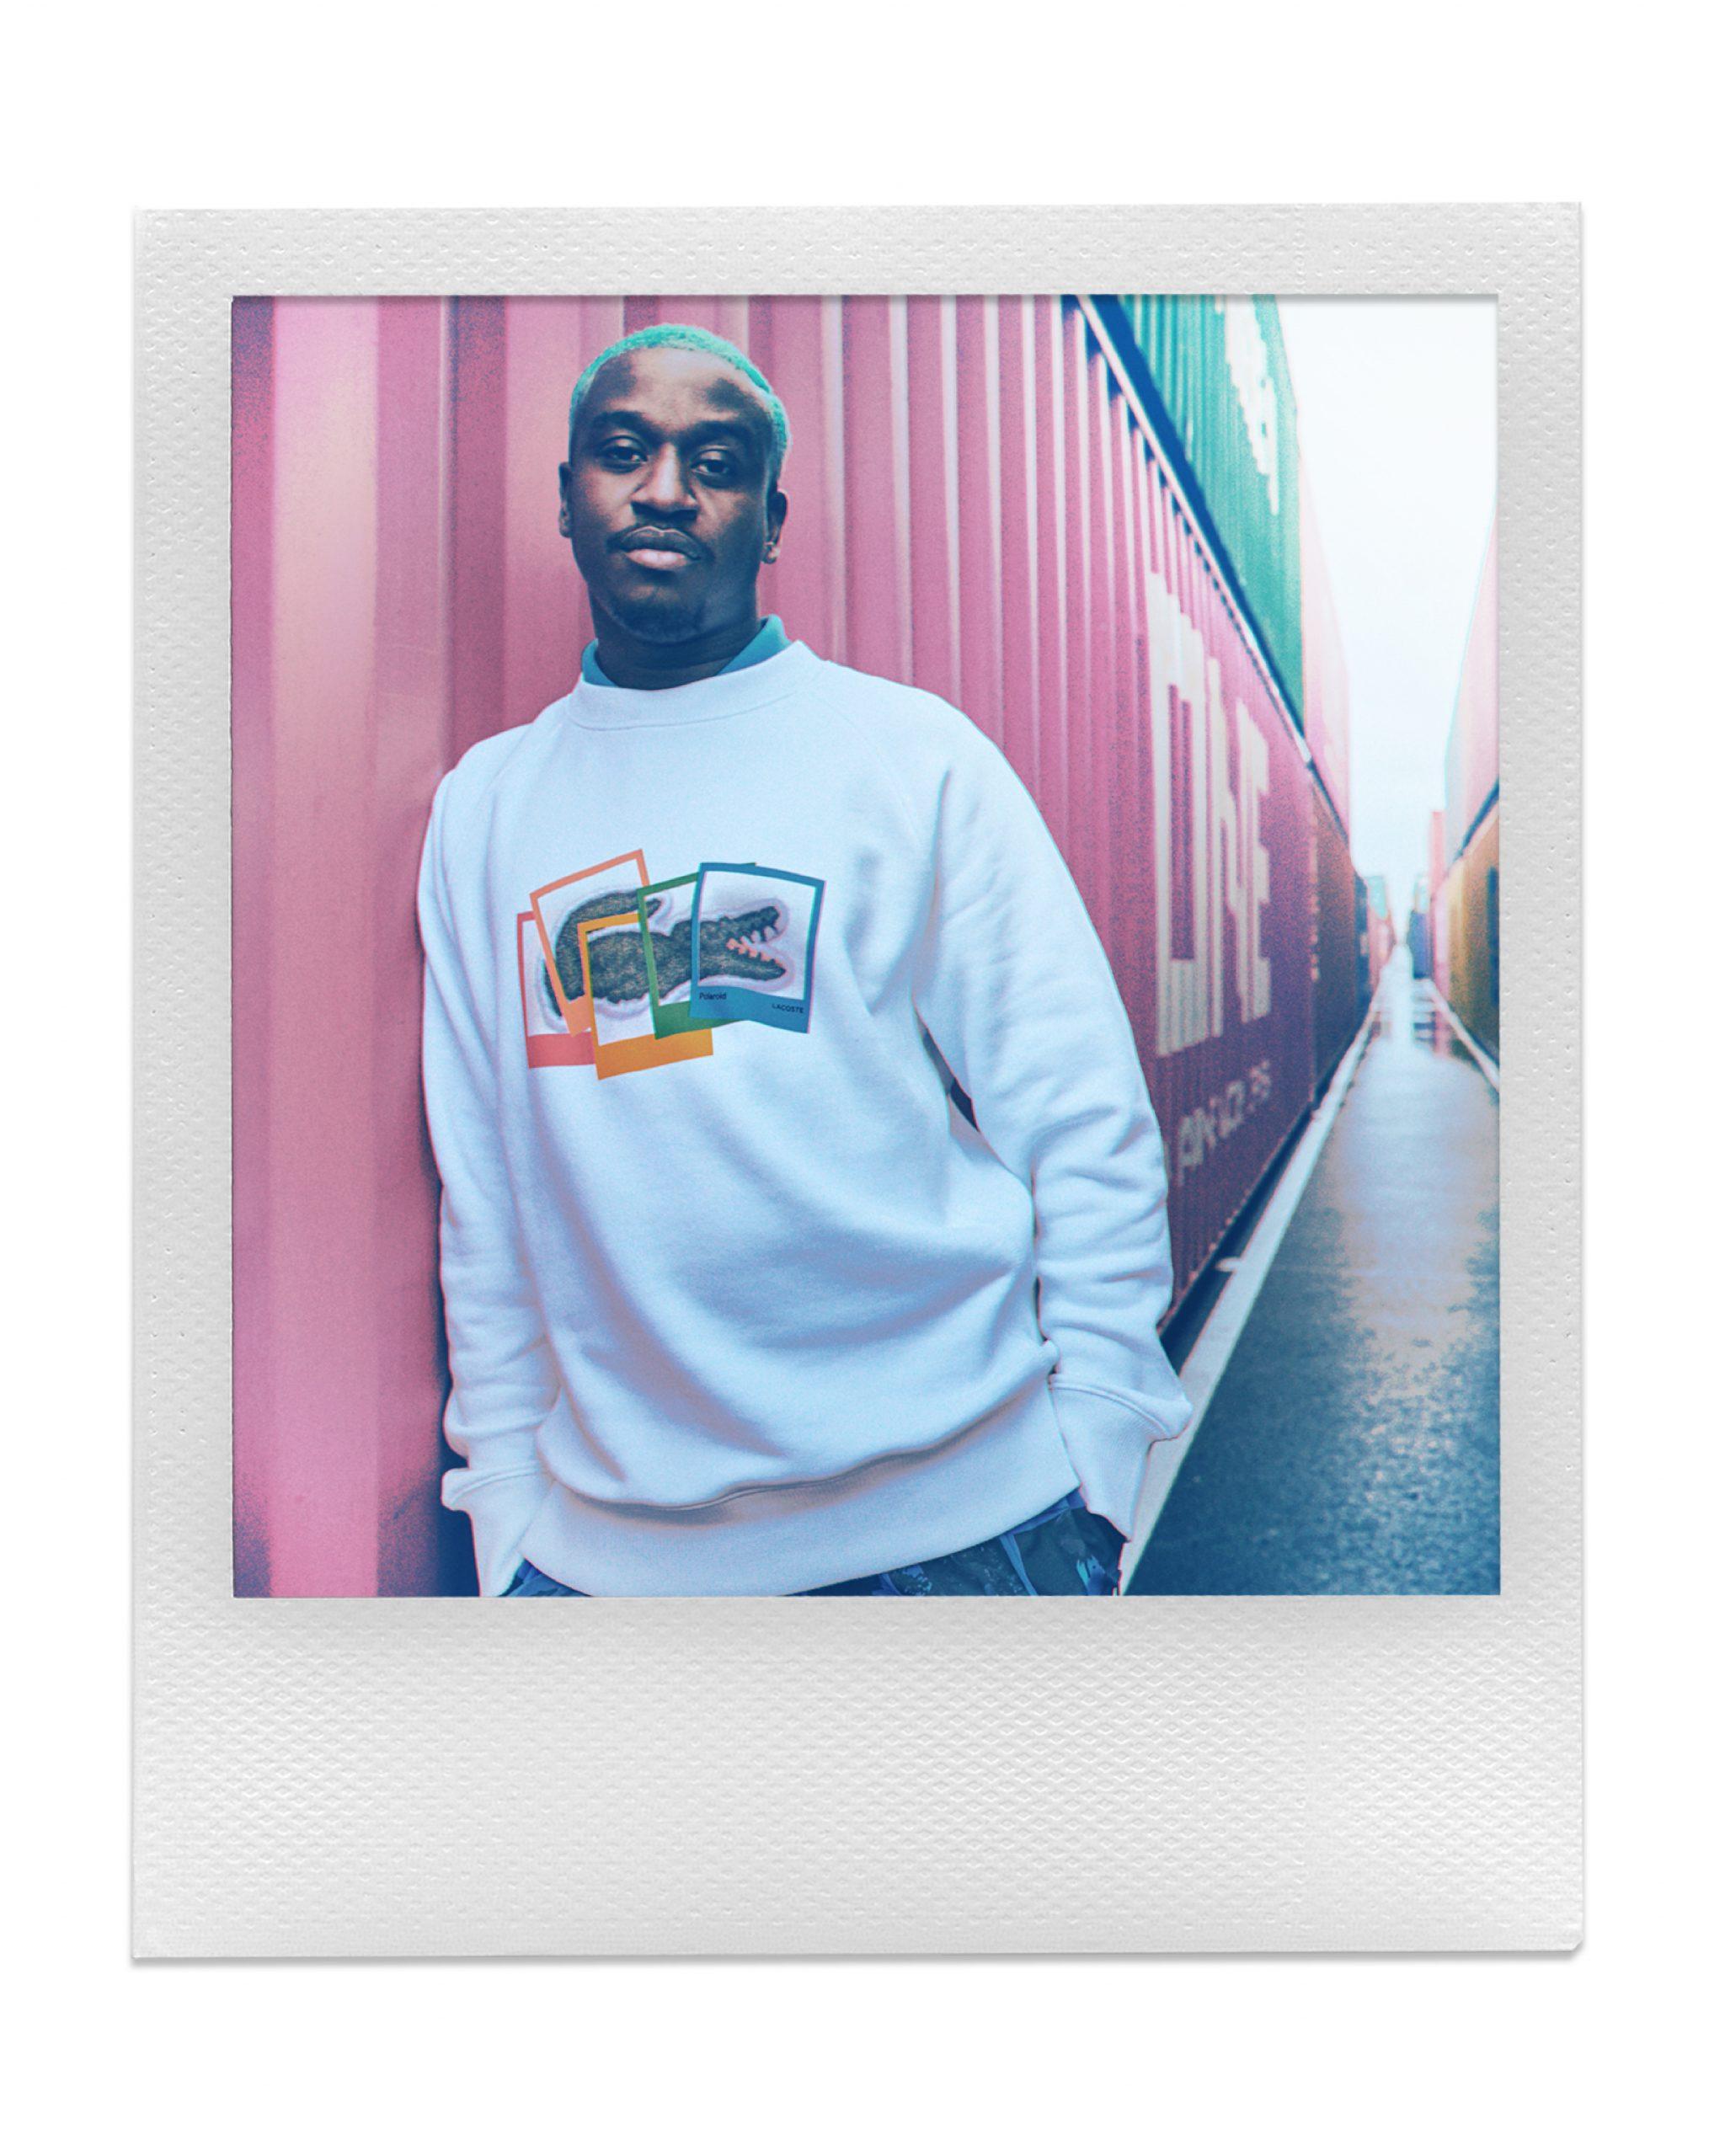 Lacoste x Polaroid 3